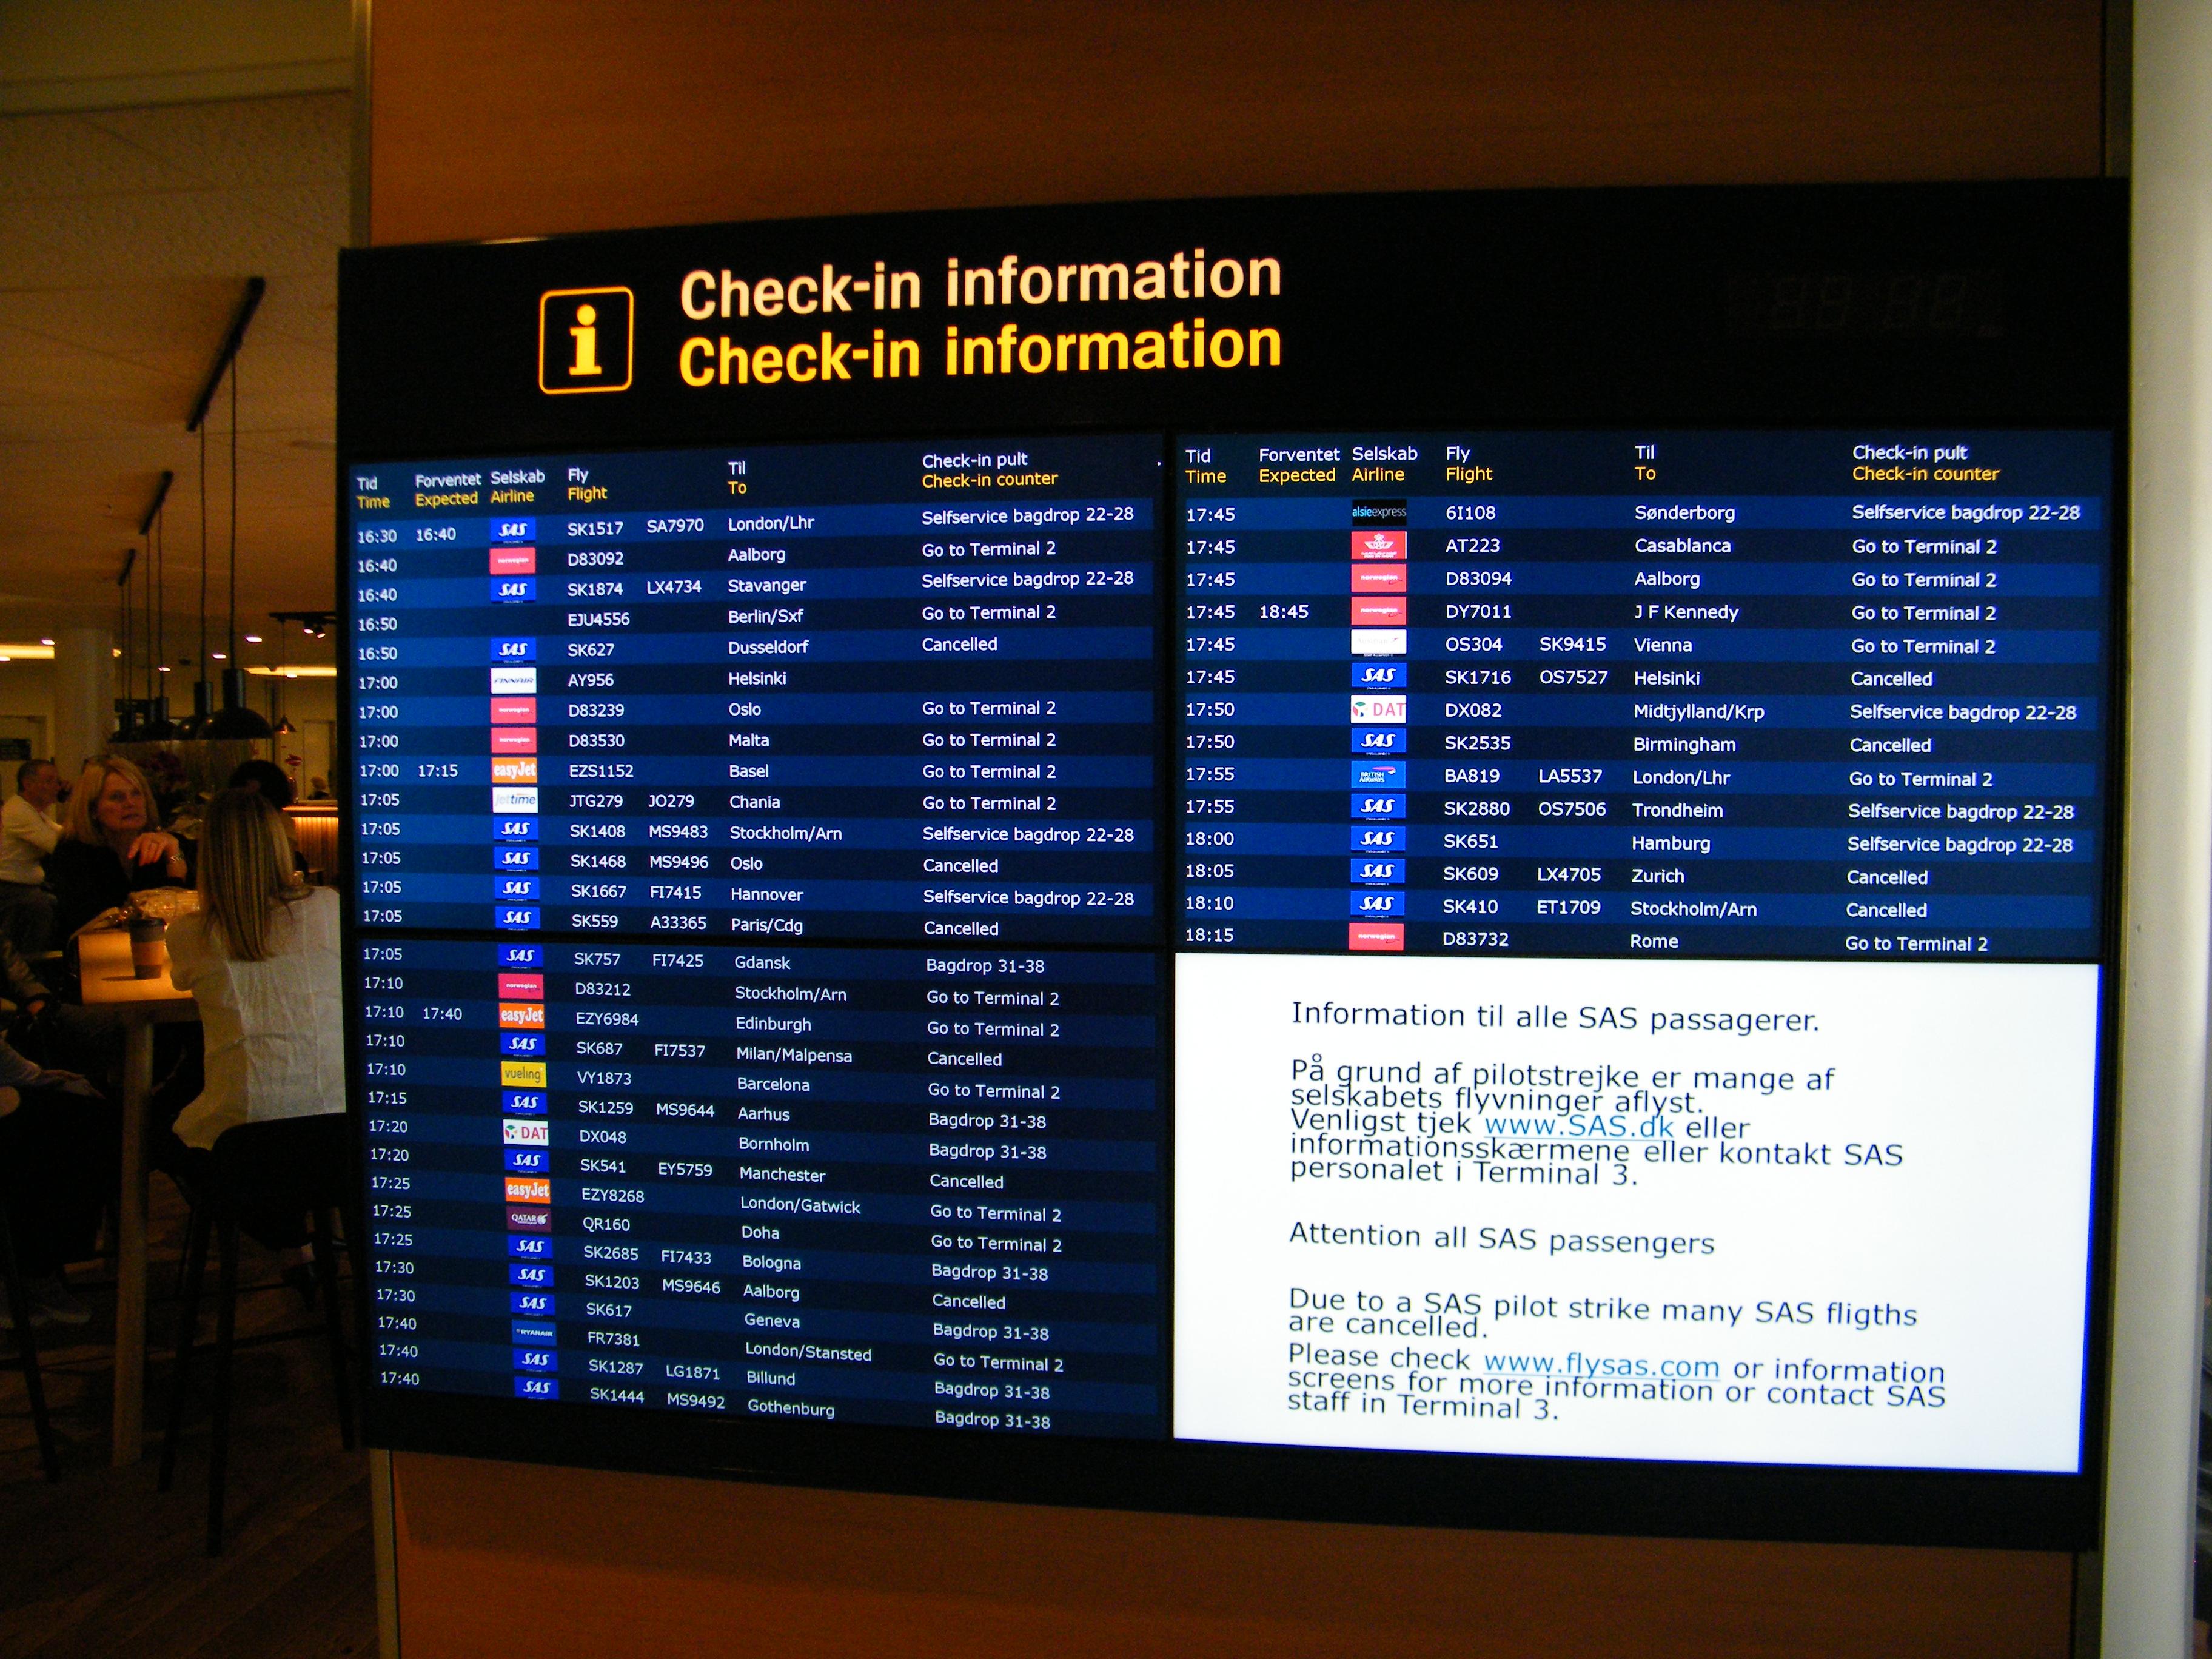 Informationsskærm i Københavns Lufthavn under SAS' pilotstrejke i foråret med information om flyaflysninger.370.000 passagerer blev ramt af strejken hos SAS-piloterne. I alt blev 4.000 SAS-flyvninger aflyst, hvilket kostede flyselskabet omkring 450 millioner danske kroner. Foto: Henrik Baumgarten.